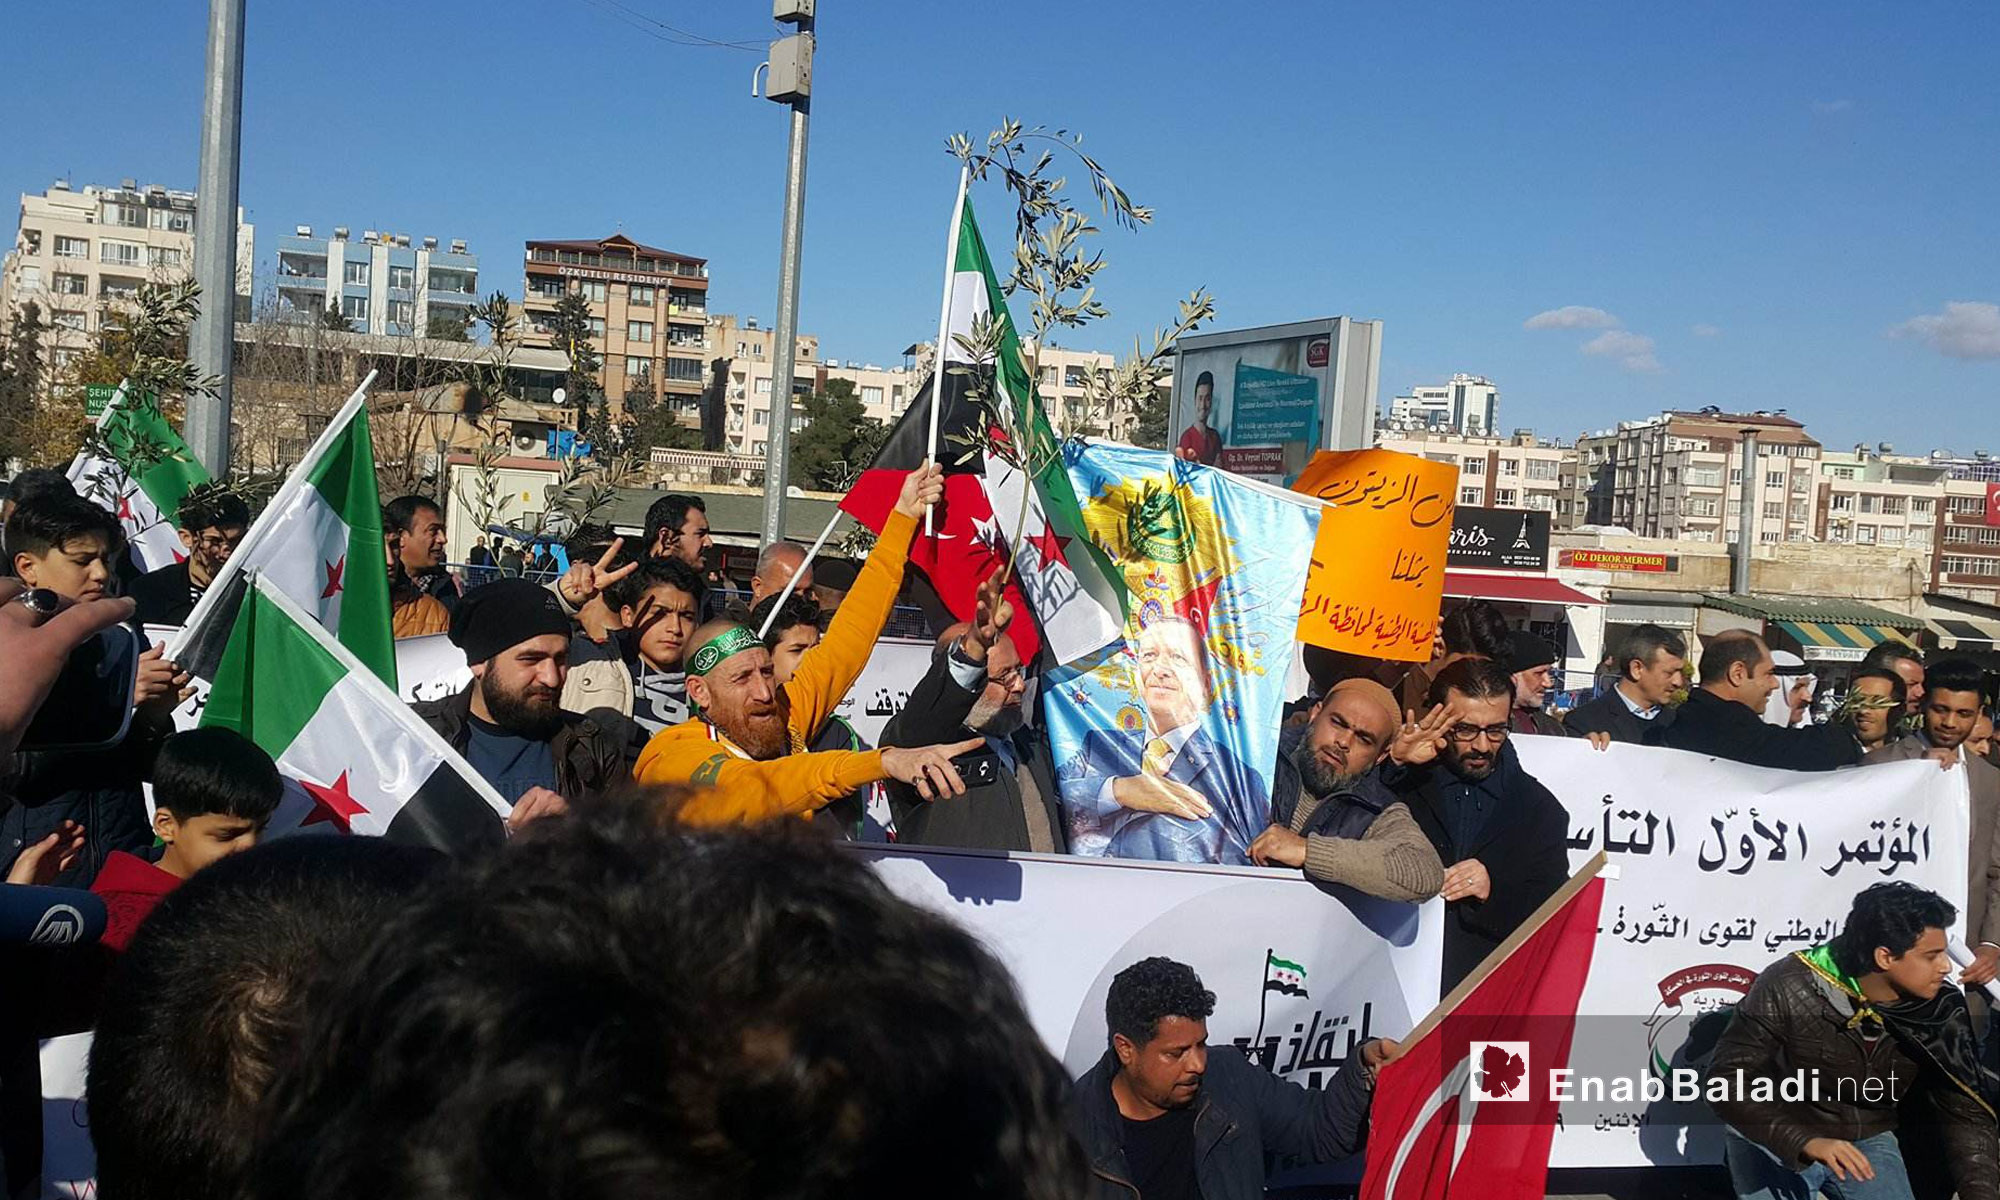 مظاهرة مؤيدة لعملية غصن الزيتون في أورفة التركية - 29 كانون الثاني 2018 (عنب بلدي)